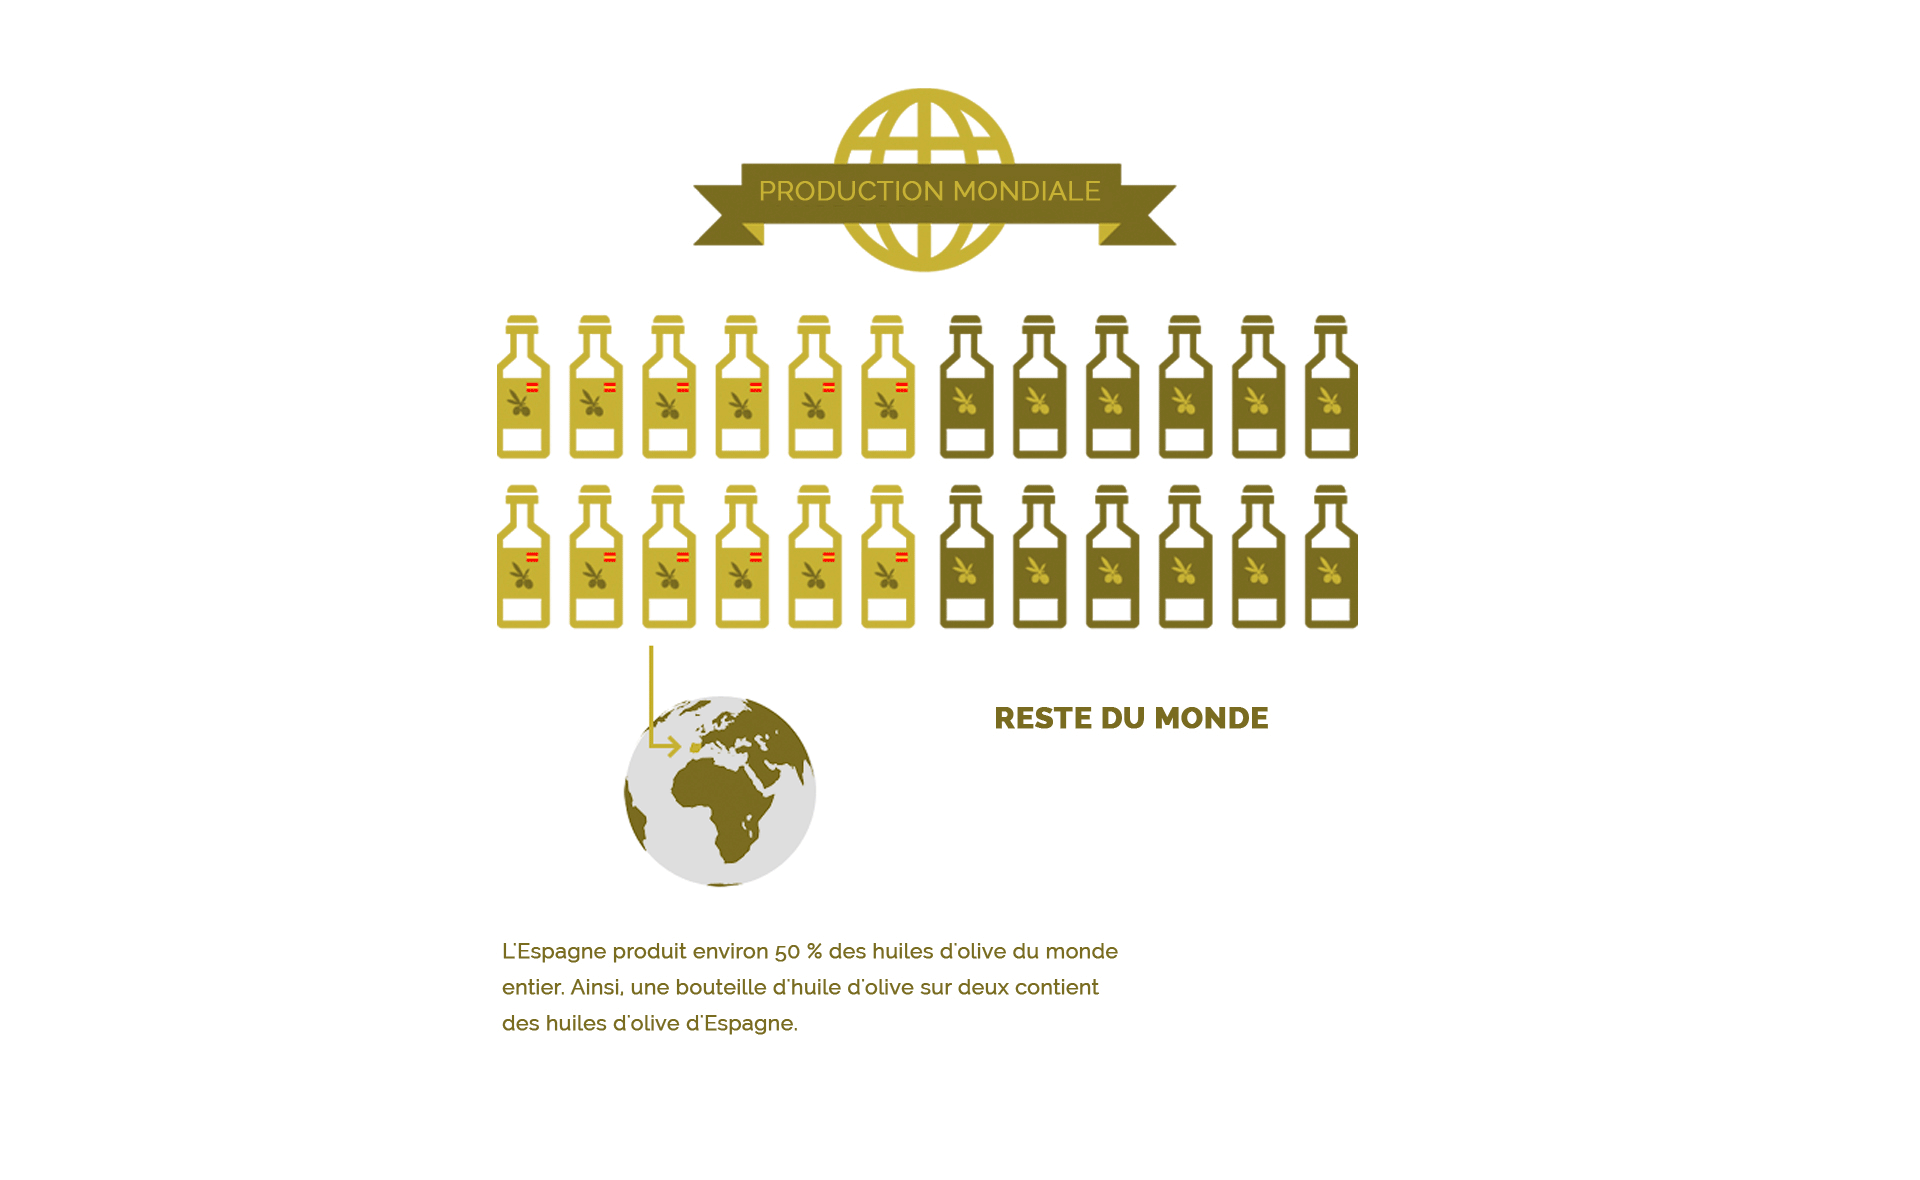 Production mondiale d'huile d'olive espagnole